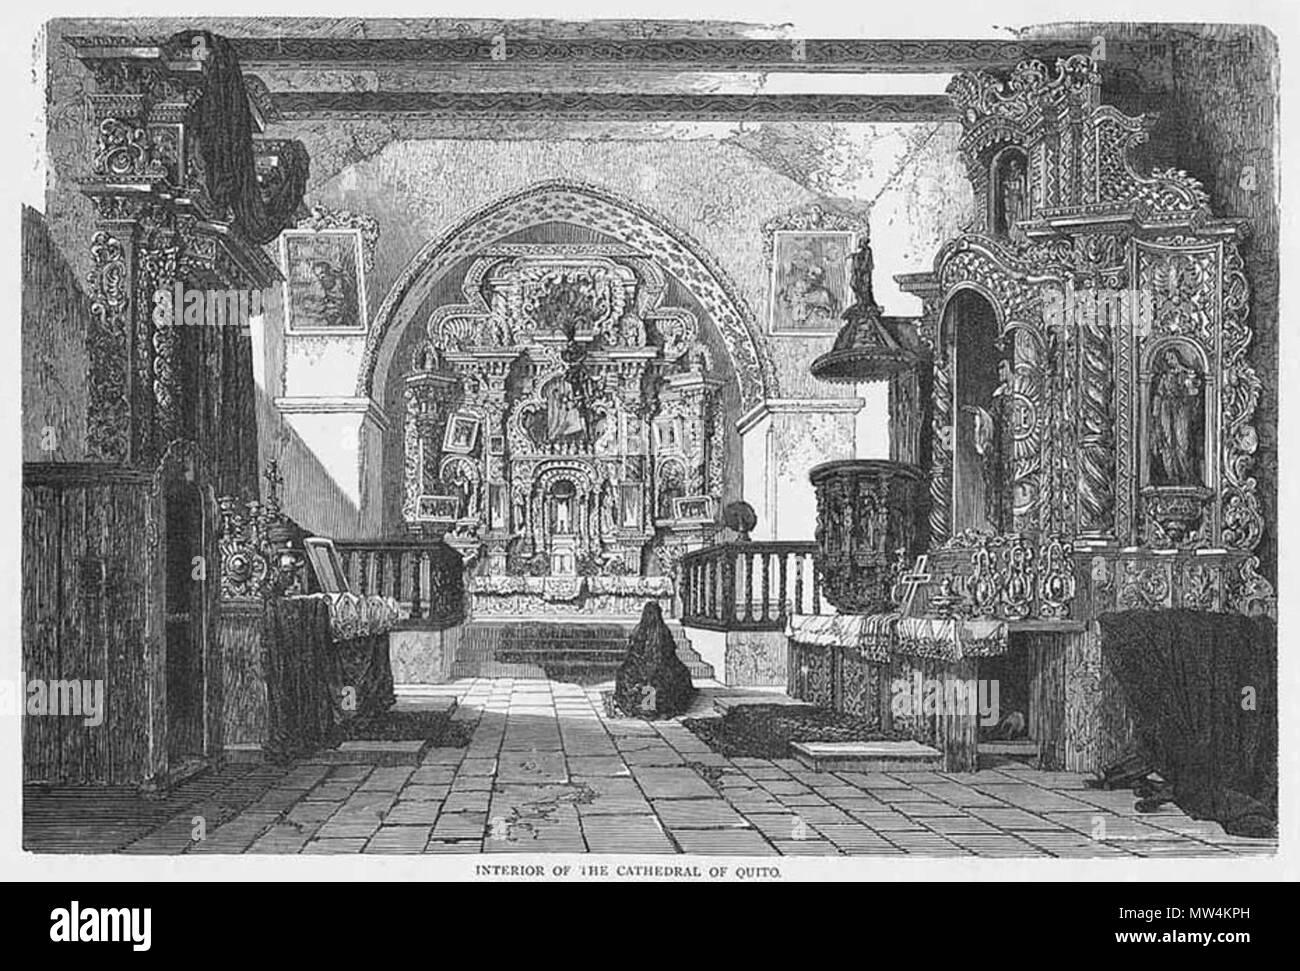 . Español: Dibujo del interior de la Catedral de Quito como lucía alrededor de 1860. Publicado originalmente en 'Viajes Ilustrados' de HW Bates, para Le Tour Du Monde (París, 1867). 1867. HW Bates 298 Interior de la Catedral de Quito (circa 1860) - Stock Image